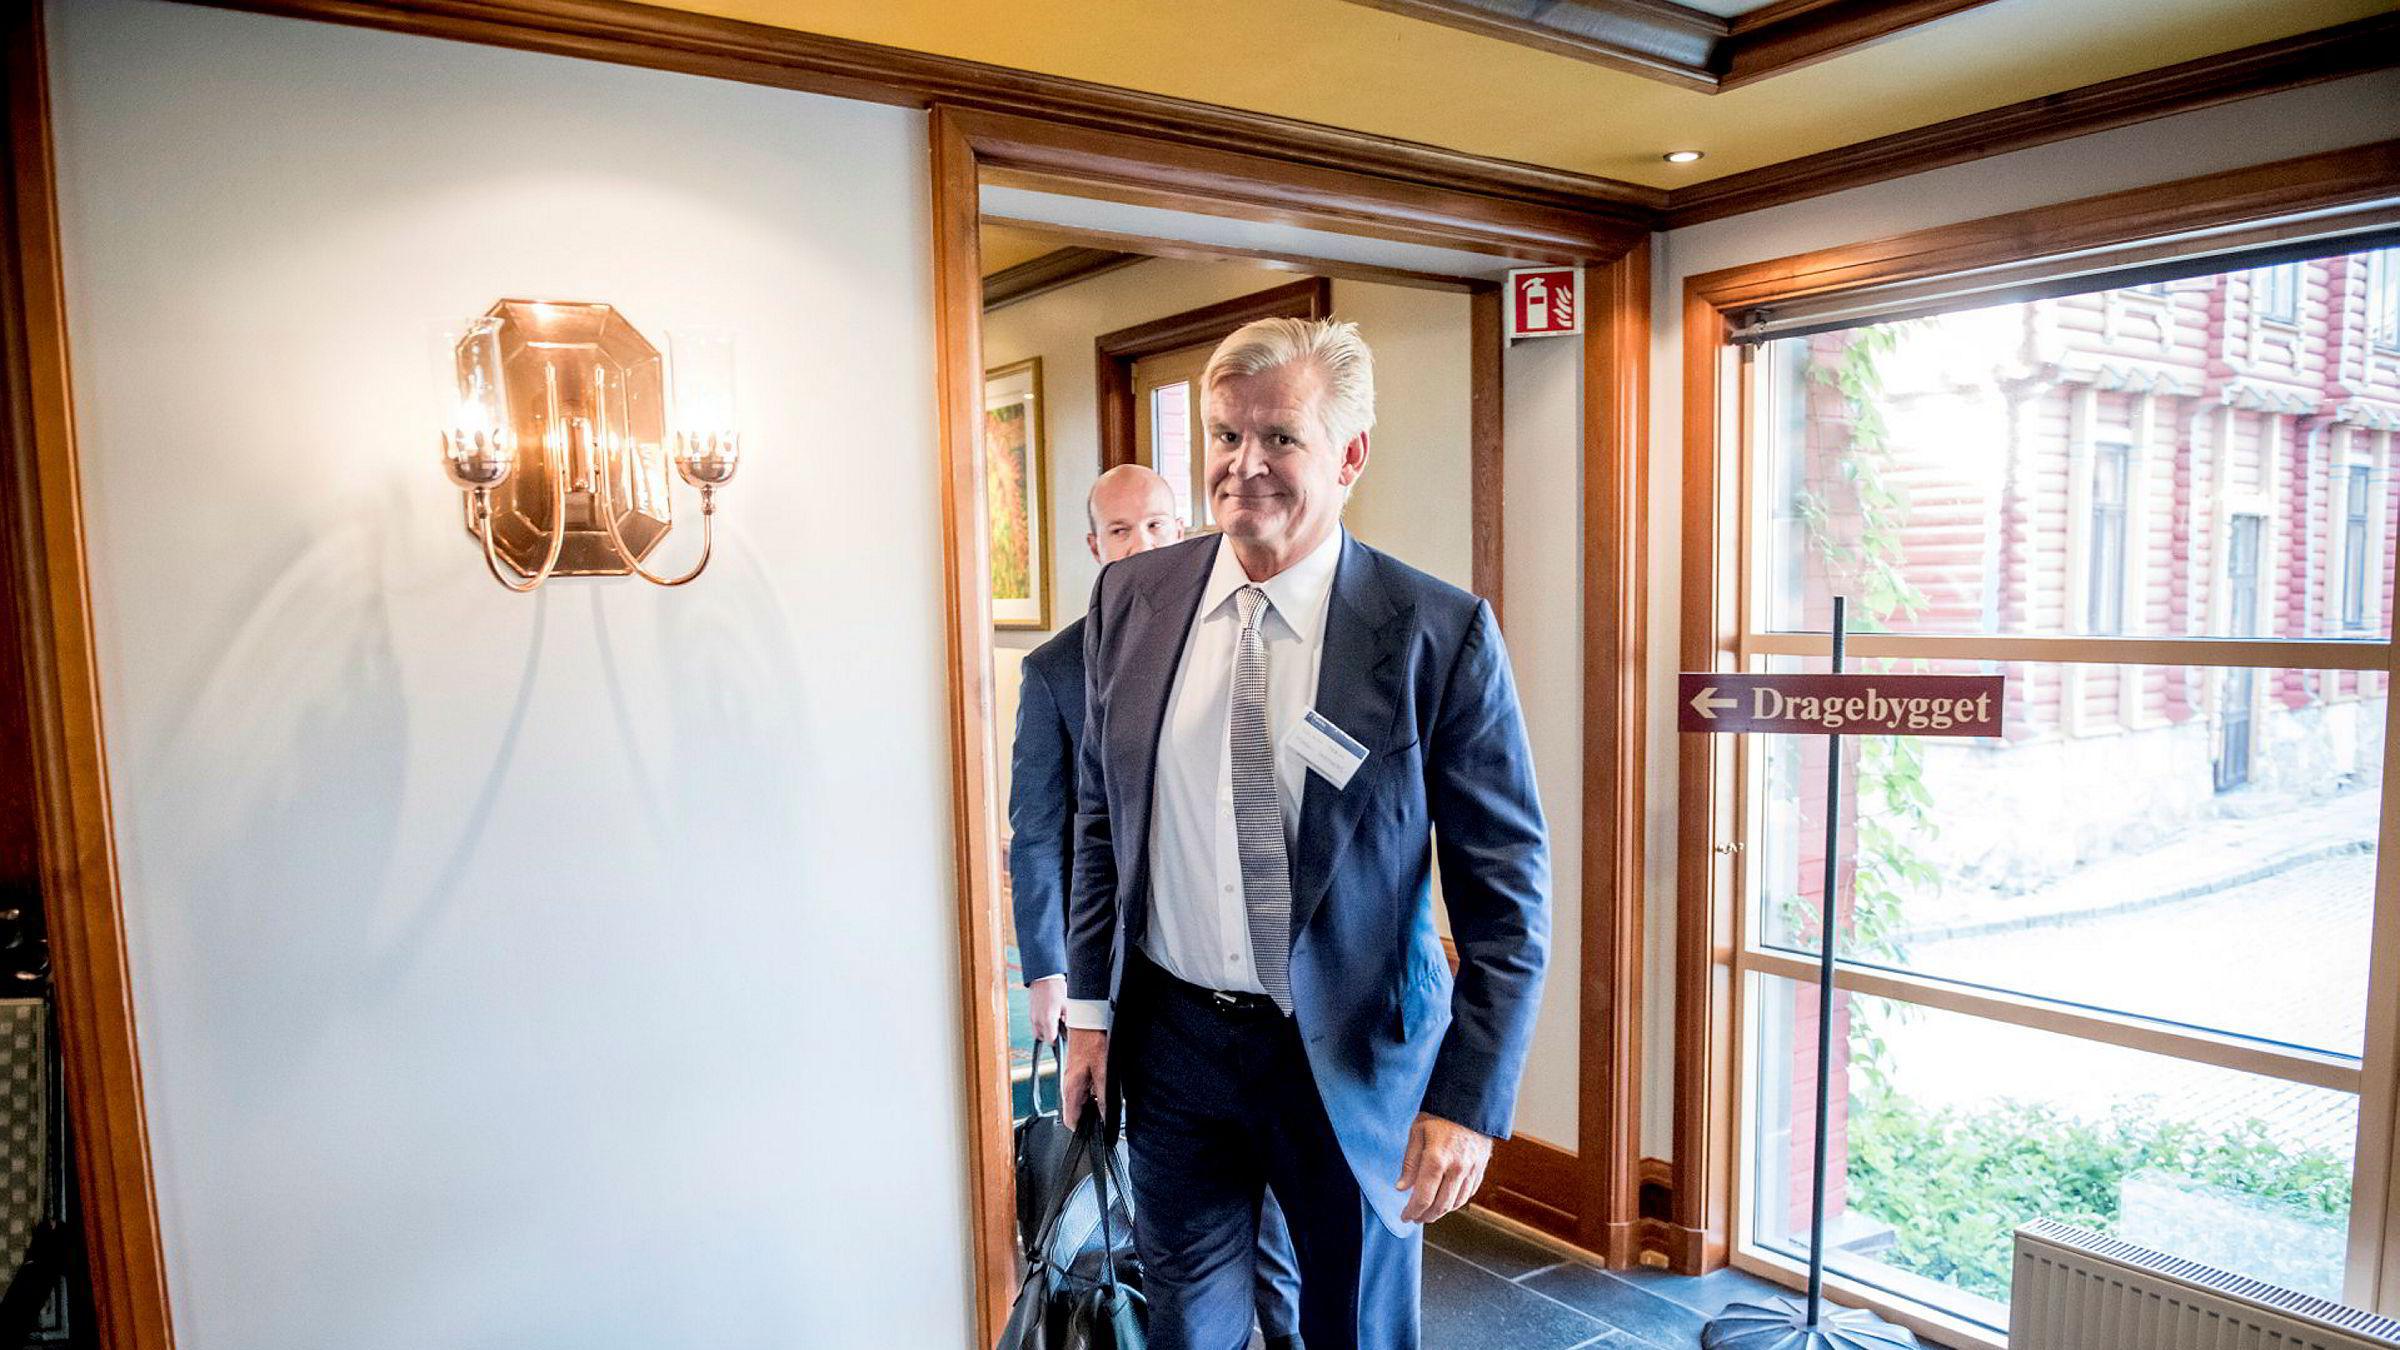 Daværende styreleder Tor Olav Trøim på vei til å presentere Borr Drilling under Pareto-konferansen i 2018.